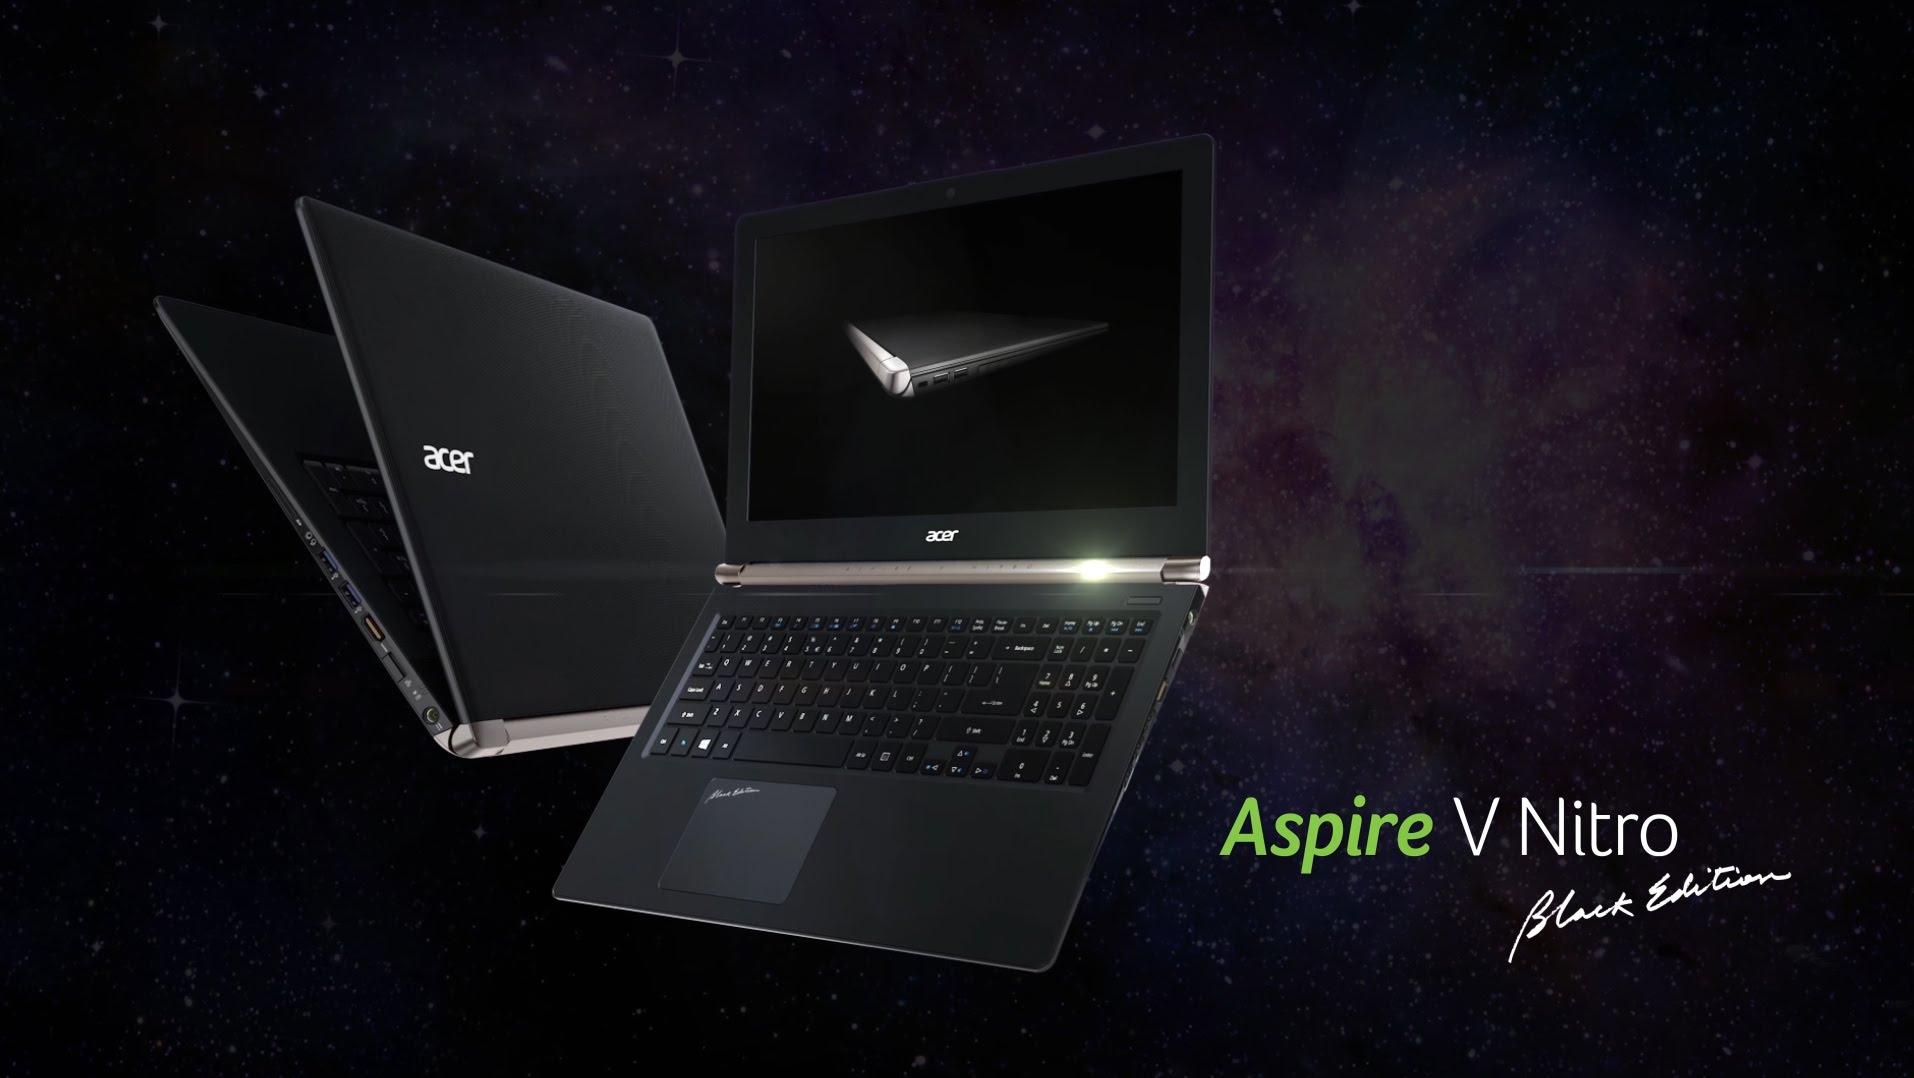 Acer lansează noi produse orientate spre performanță:  Aspire VX 15, V Nitro și seria GX